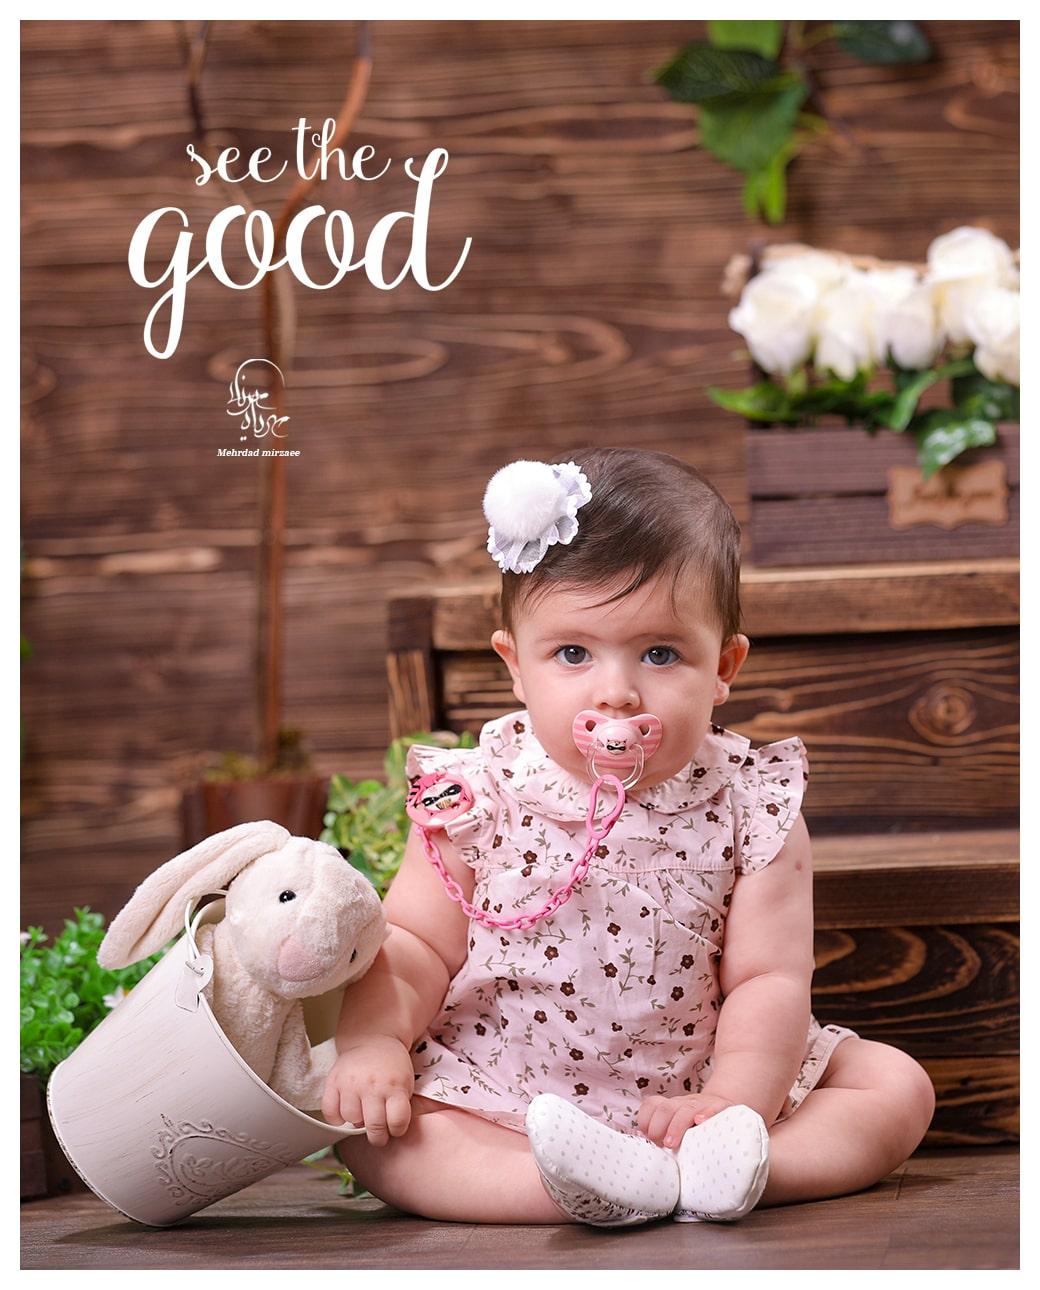 آتلیه تخصصی کودک در کرج / بهترین آتلیه کودک در کرج /ژست عکس کودک دختر /